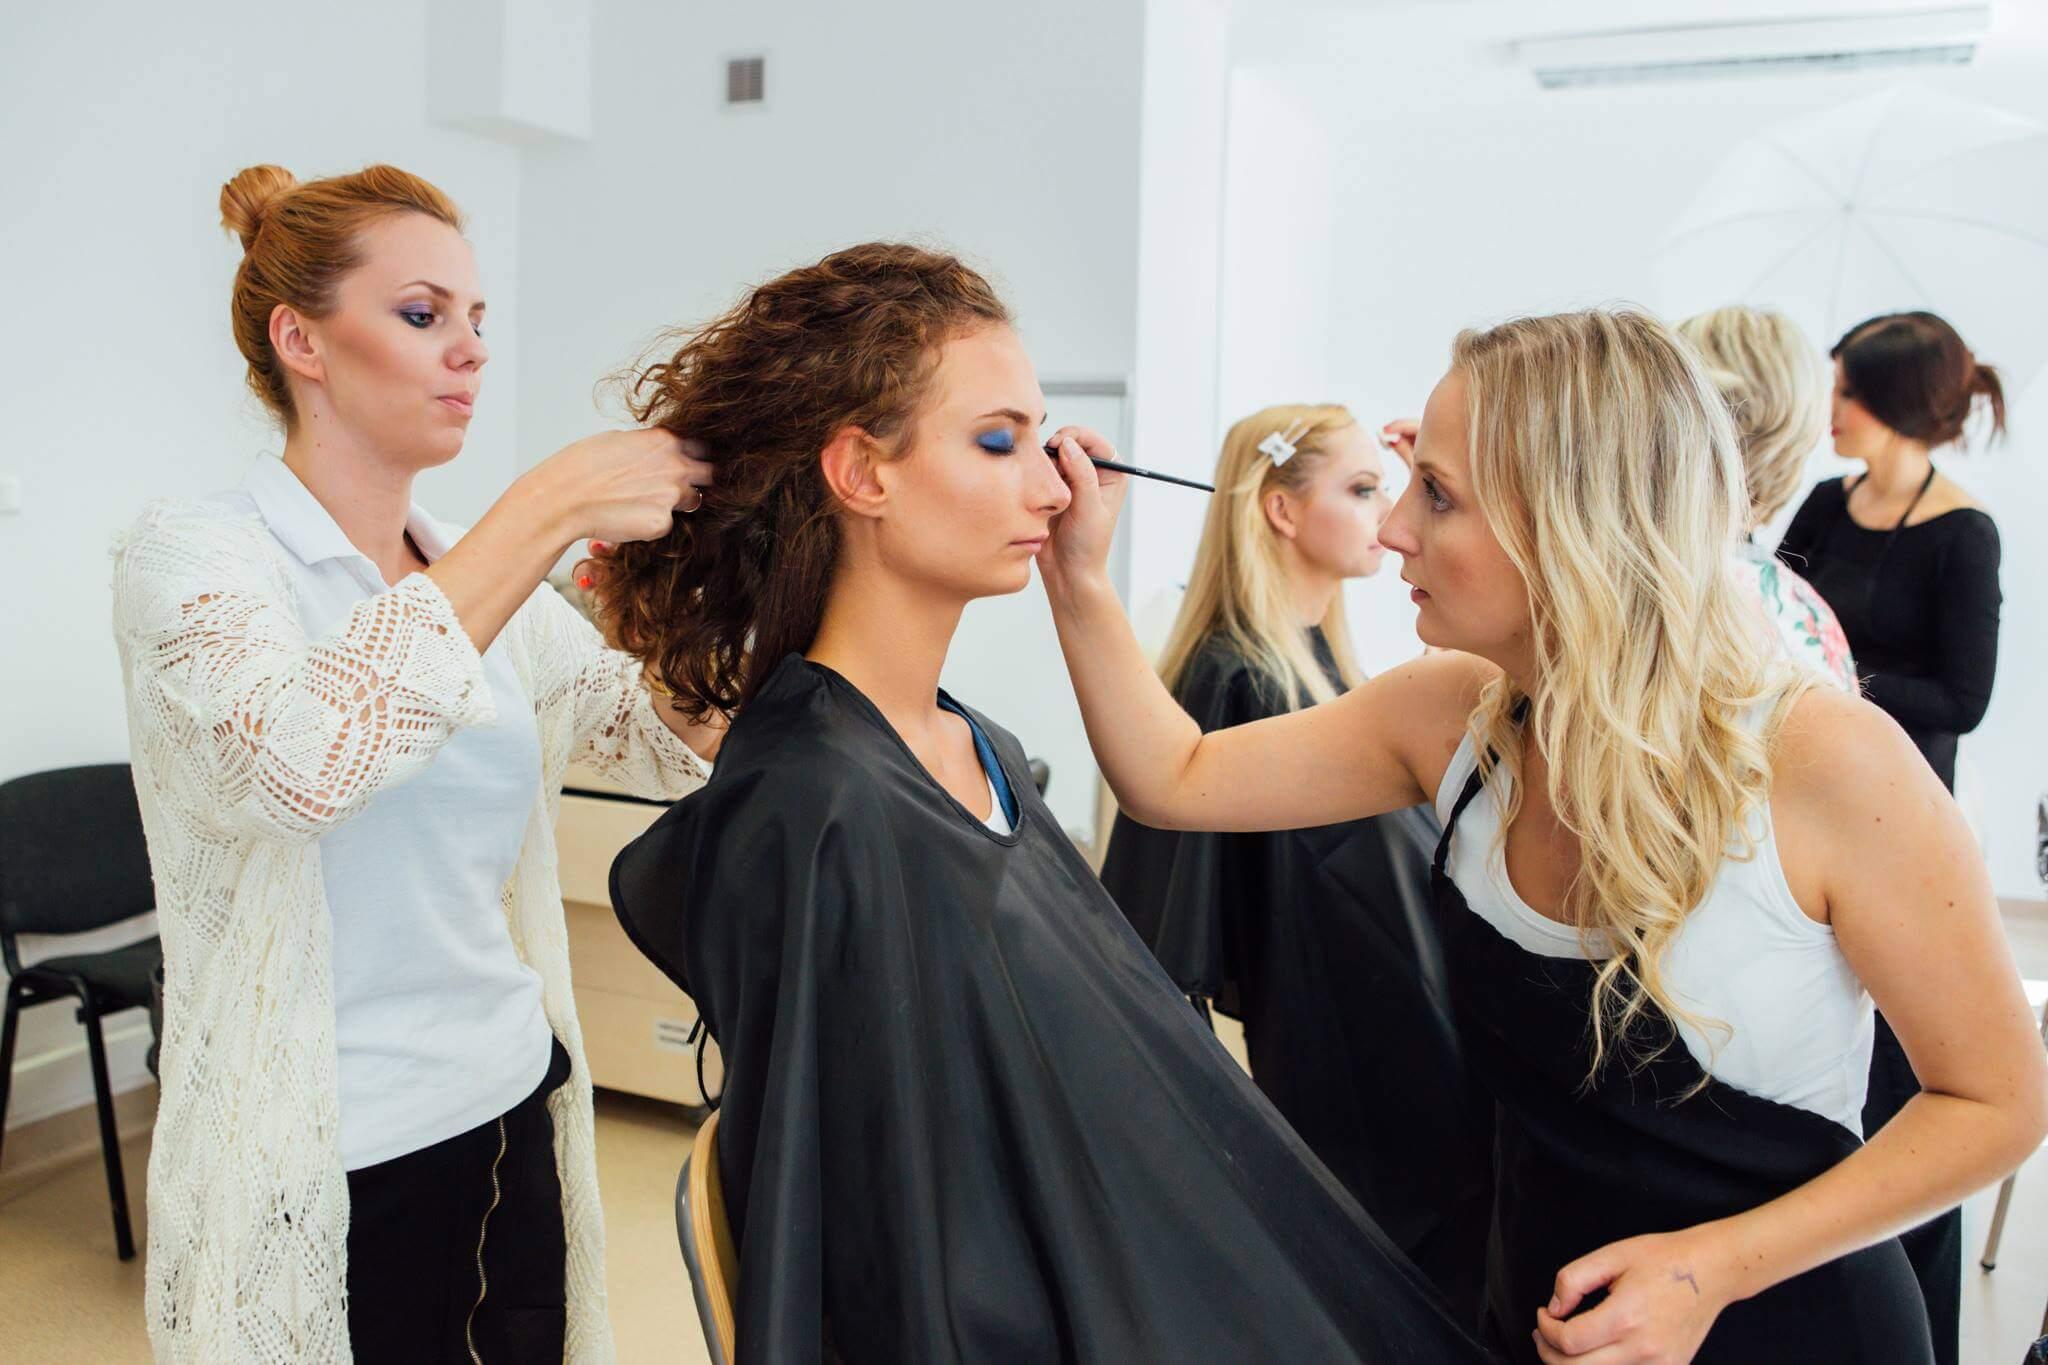 kurs wizażu kursant wykonuje make-up